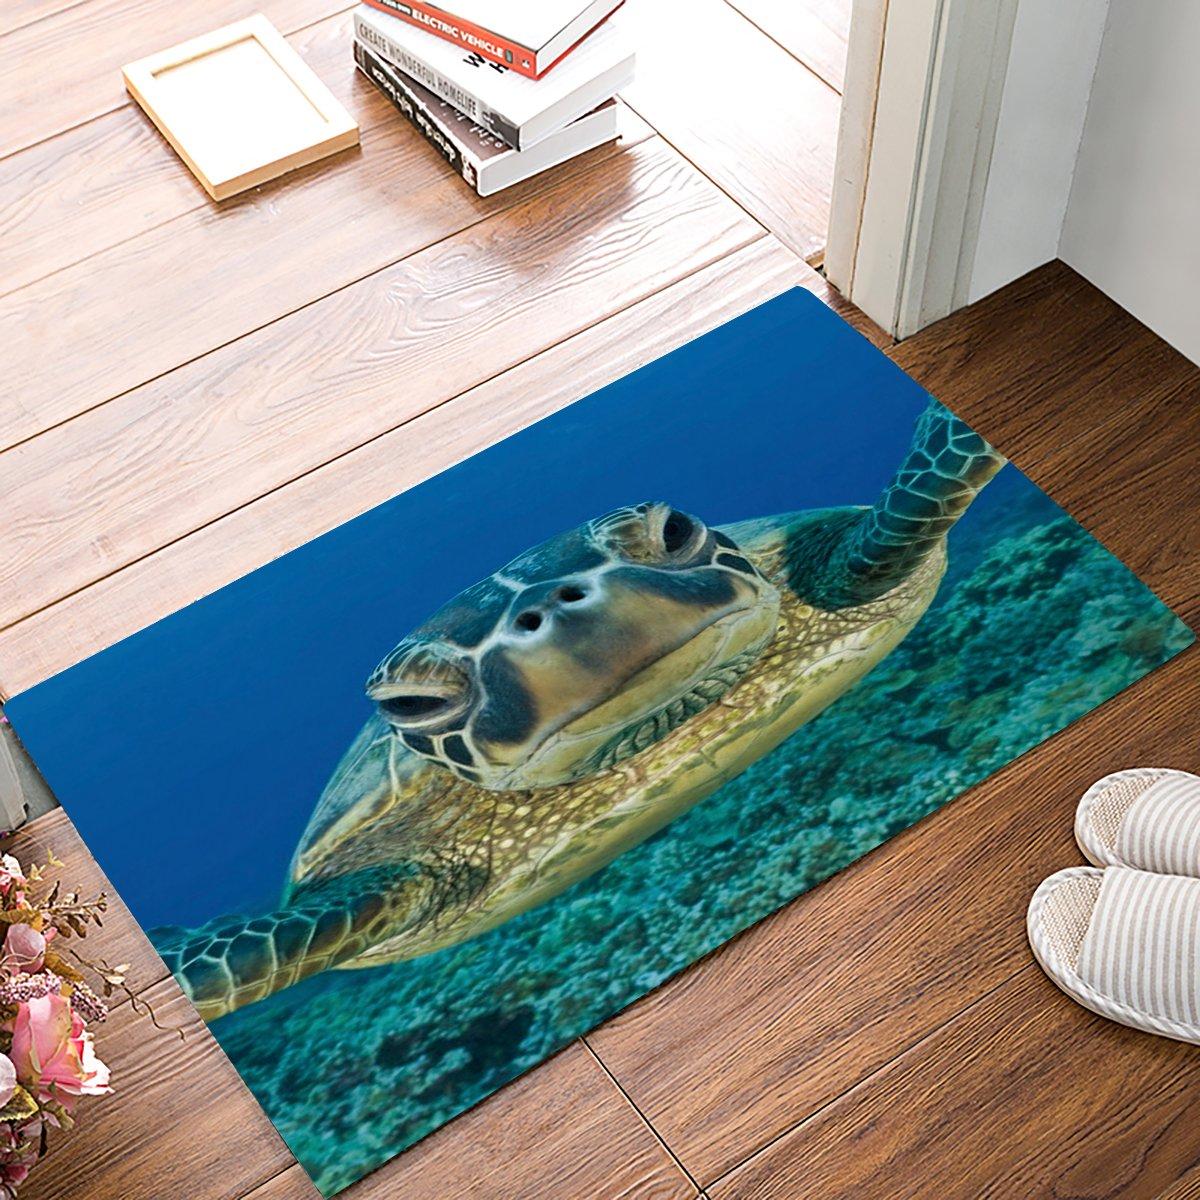 MUSEDAY Ocean Animals Decor Entryway Door Rug 20 x 31.5 inch Floor Mat Underwater Diving Sea Turtle Nature Animal Swimming Doormat Indoor/Outdoor Door Shoe Scraper Rubber Entrance Mat for Home